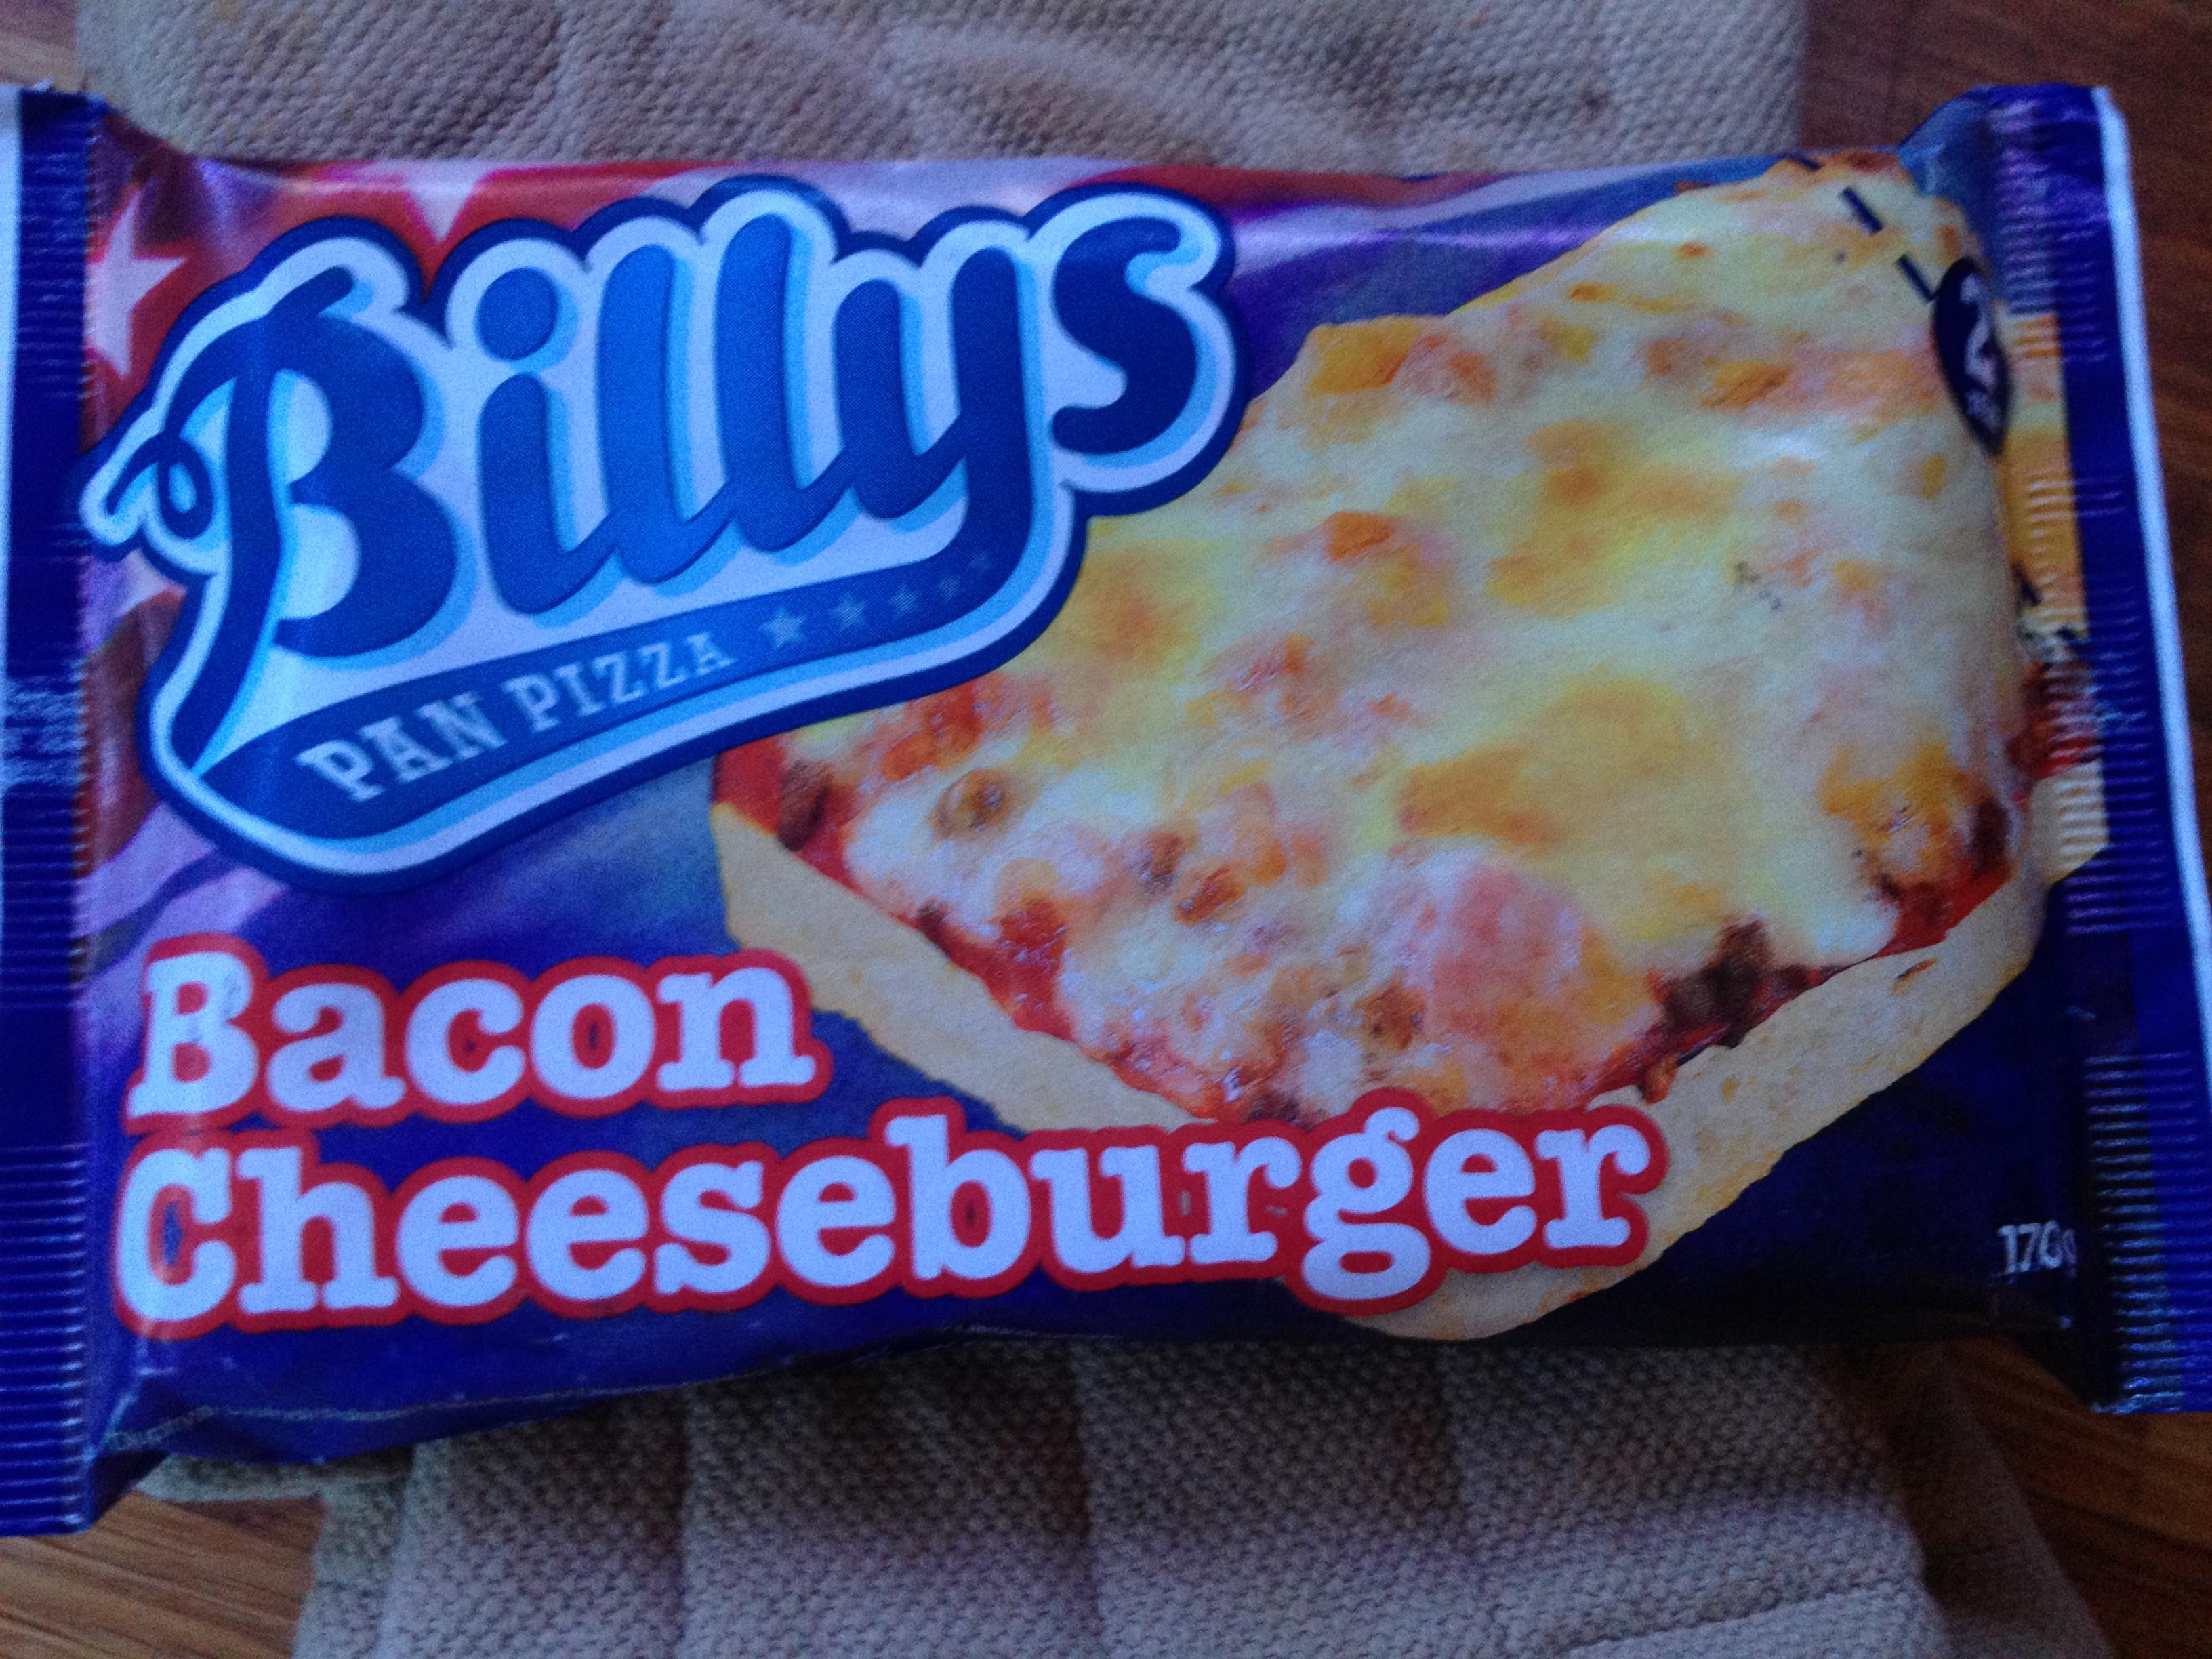 Billys Pan Pizza Bacon Cheeseburger Snackbros